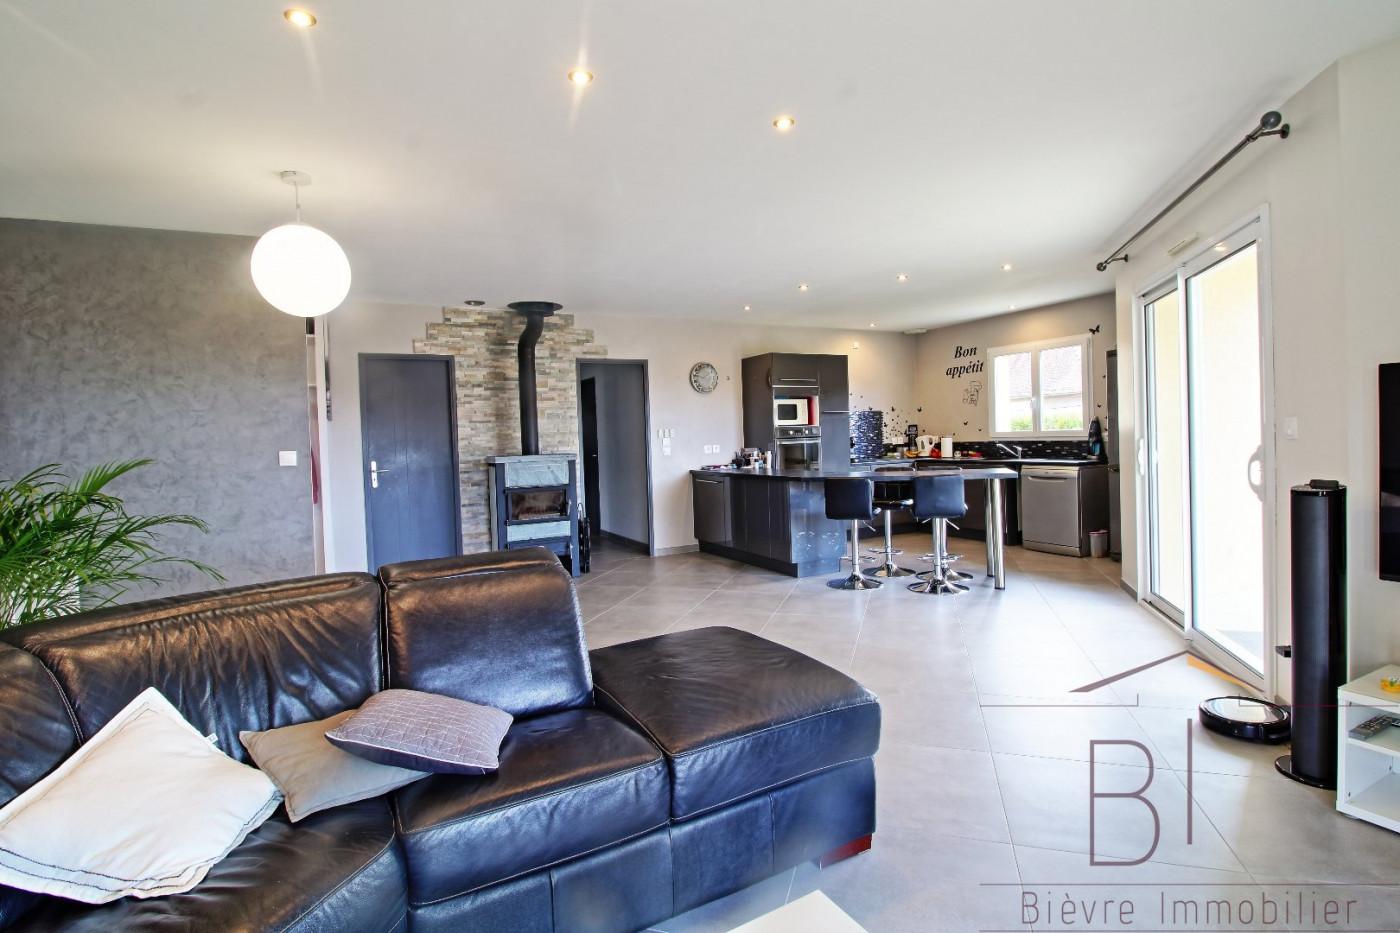 A vendre  Rives | Réf 380422489 - Bievre immobilier